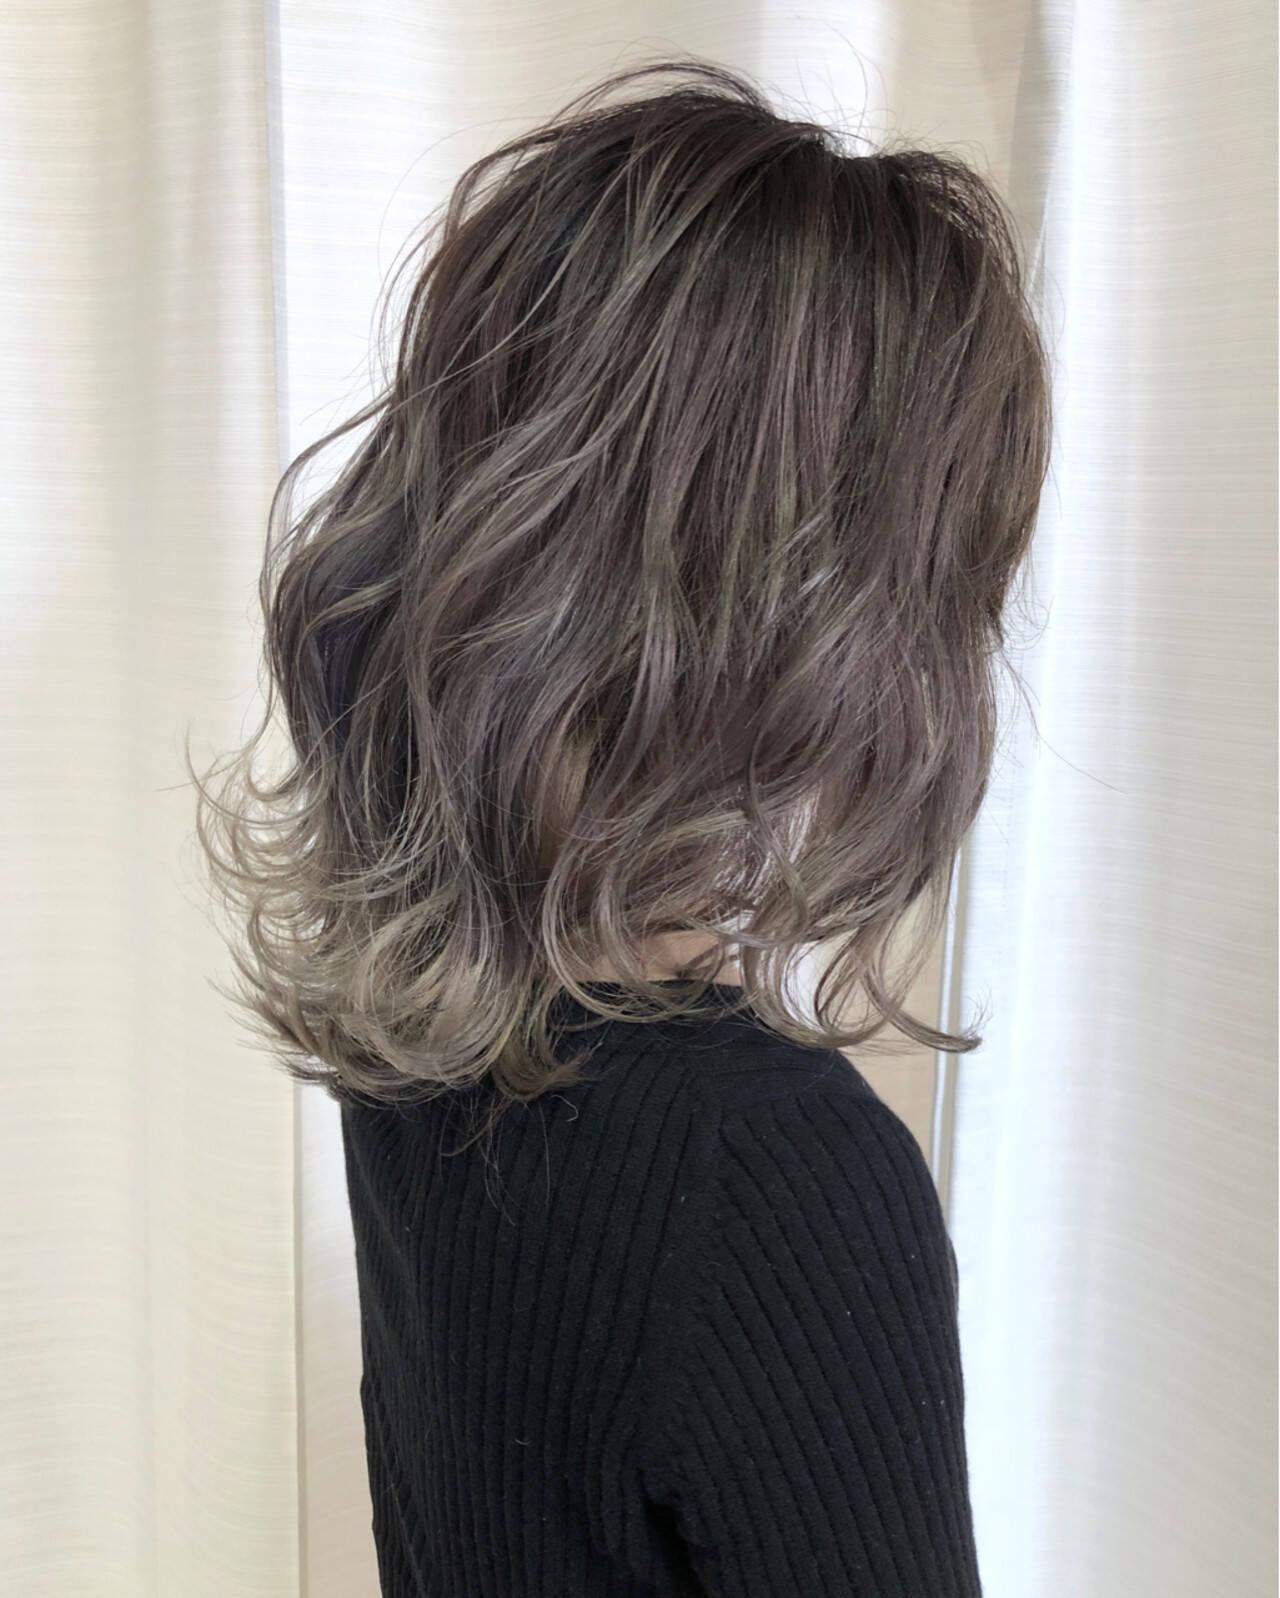 モード バレイヤージュ 愛され アッシュヘアスタイルや髪型の写真・画像